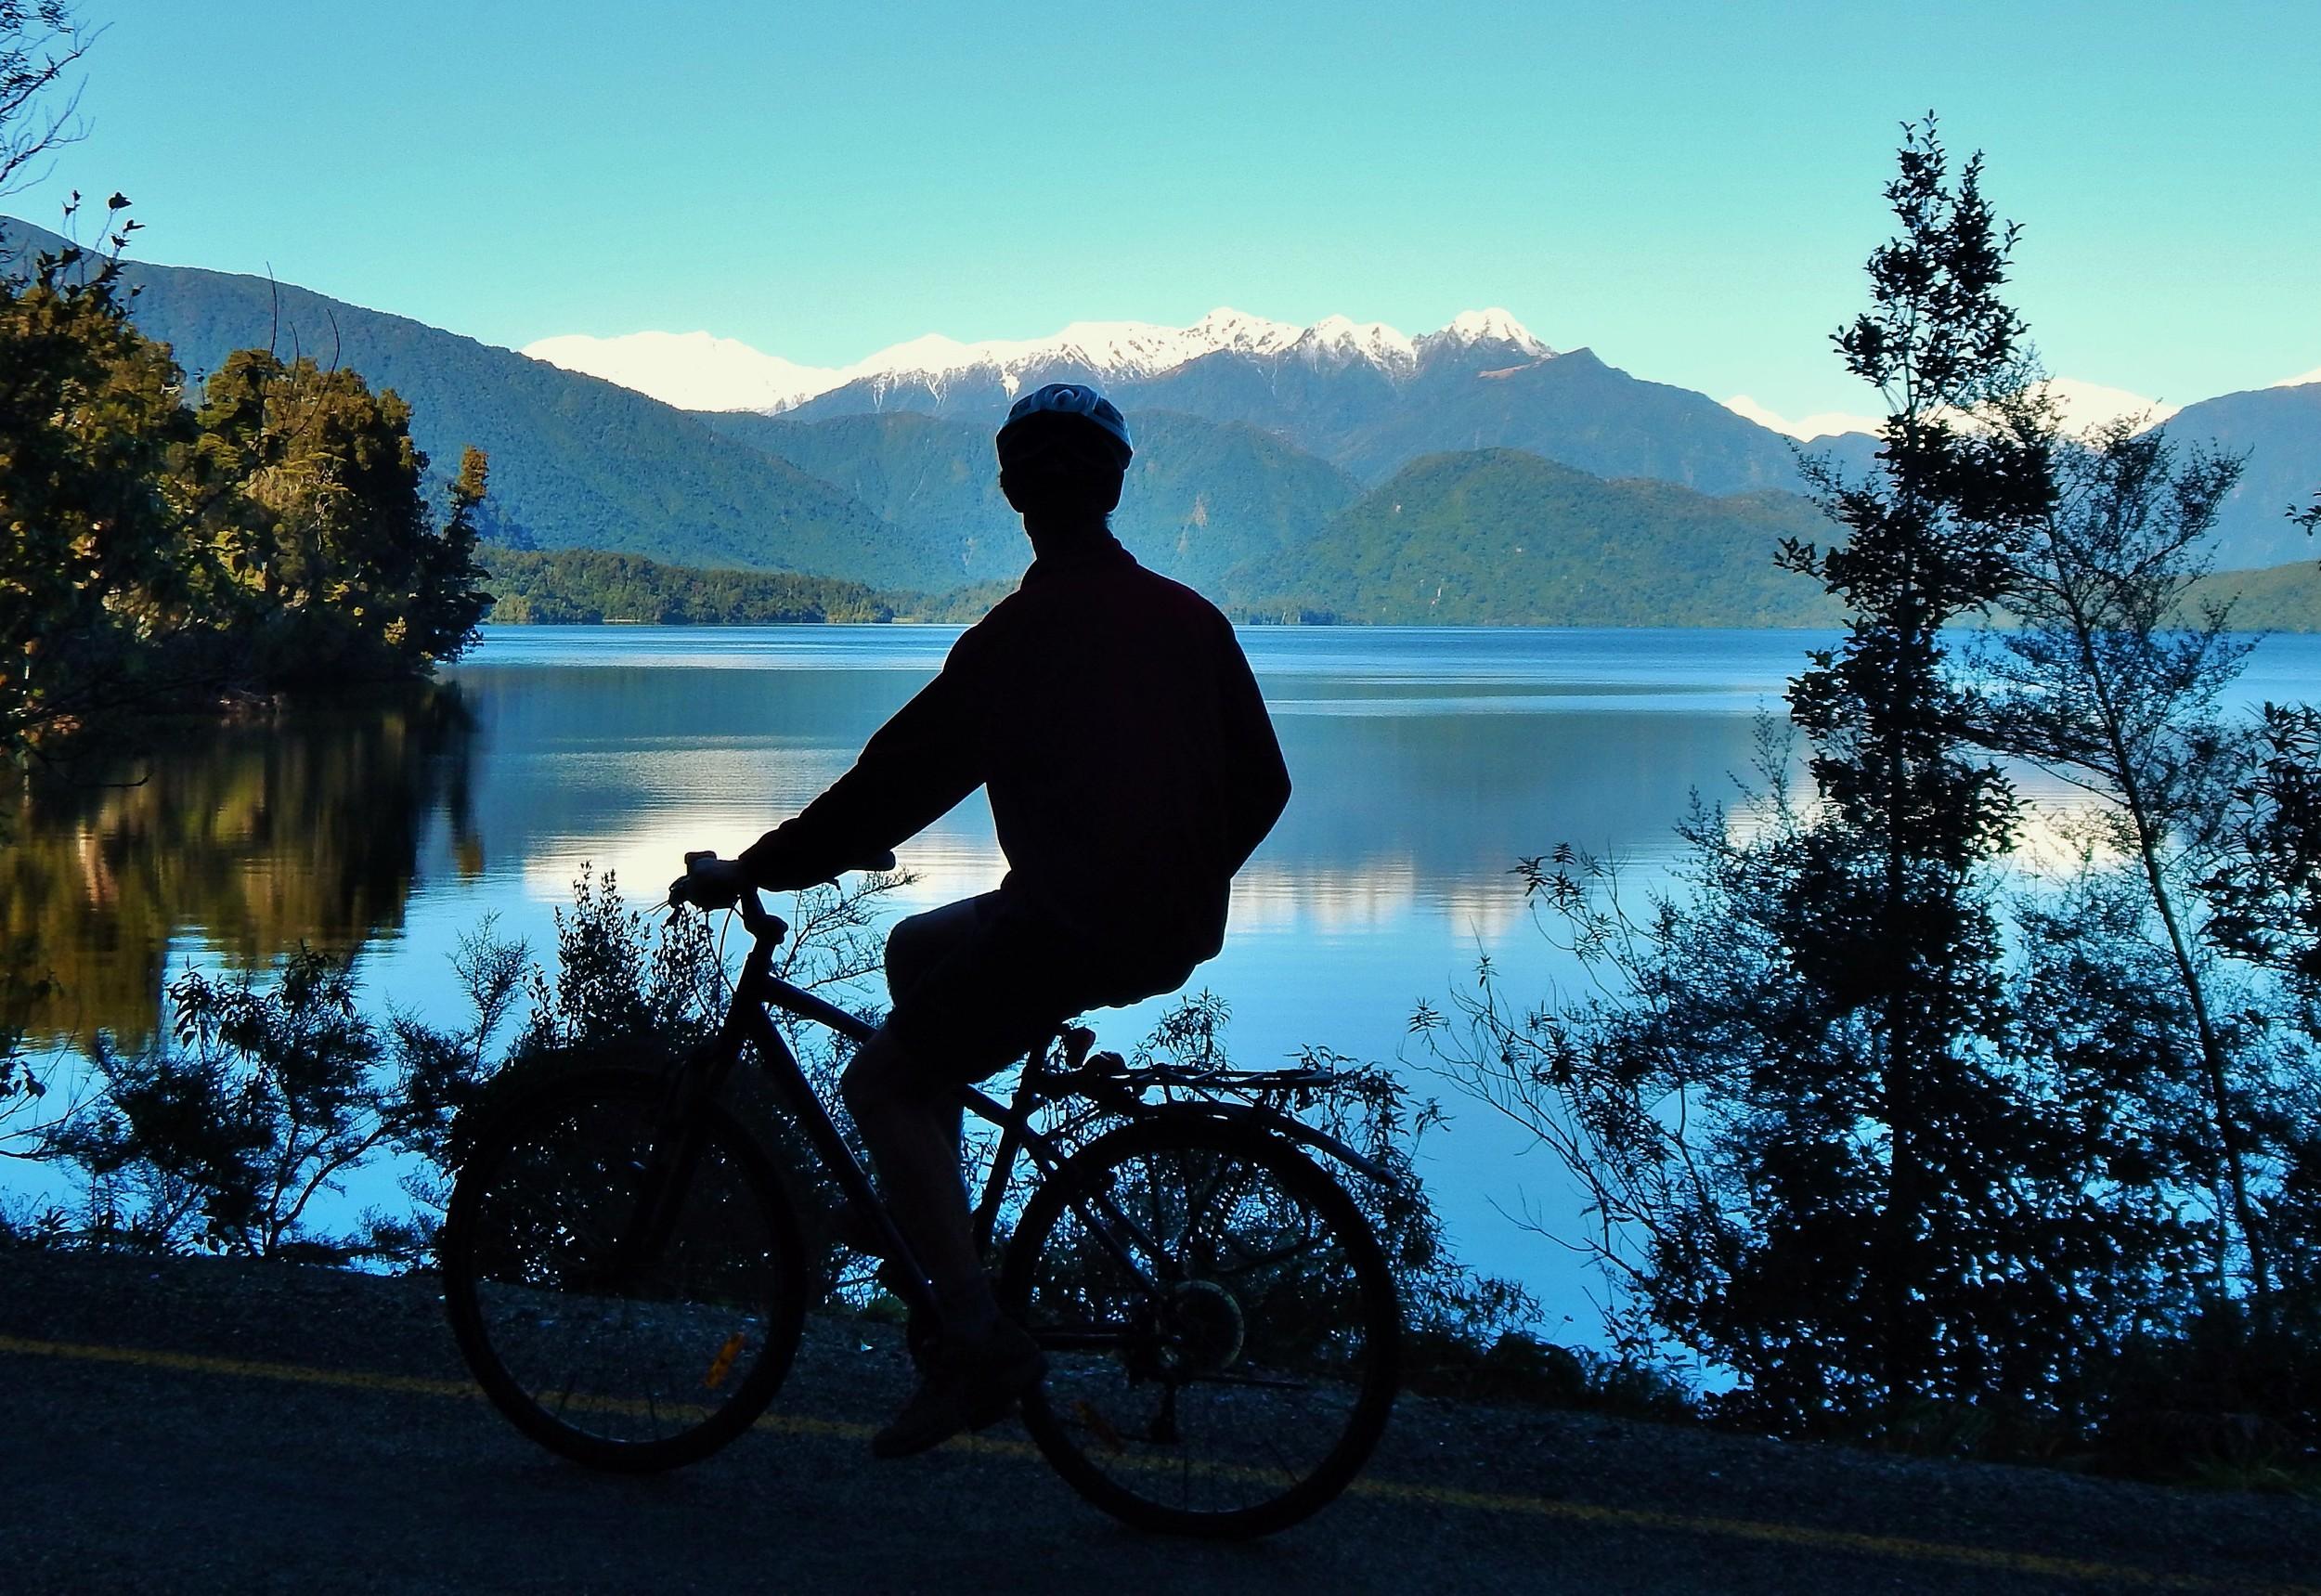 Taking it in at Lake Kaniere